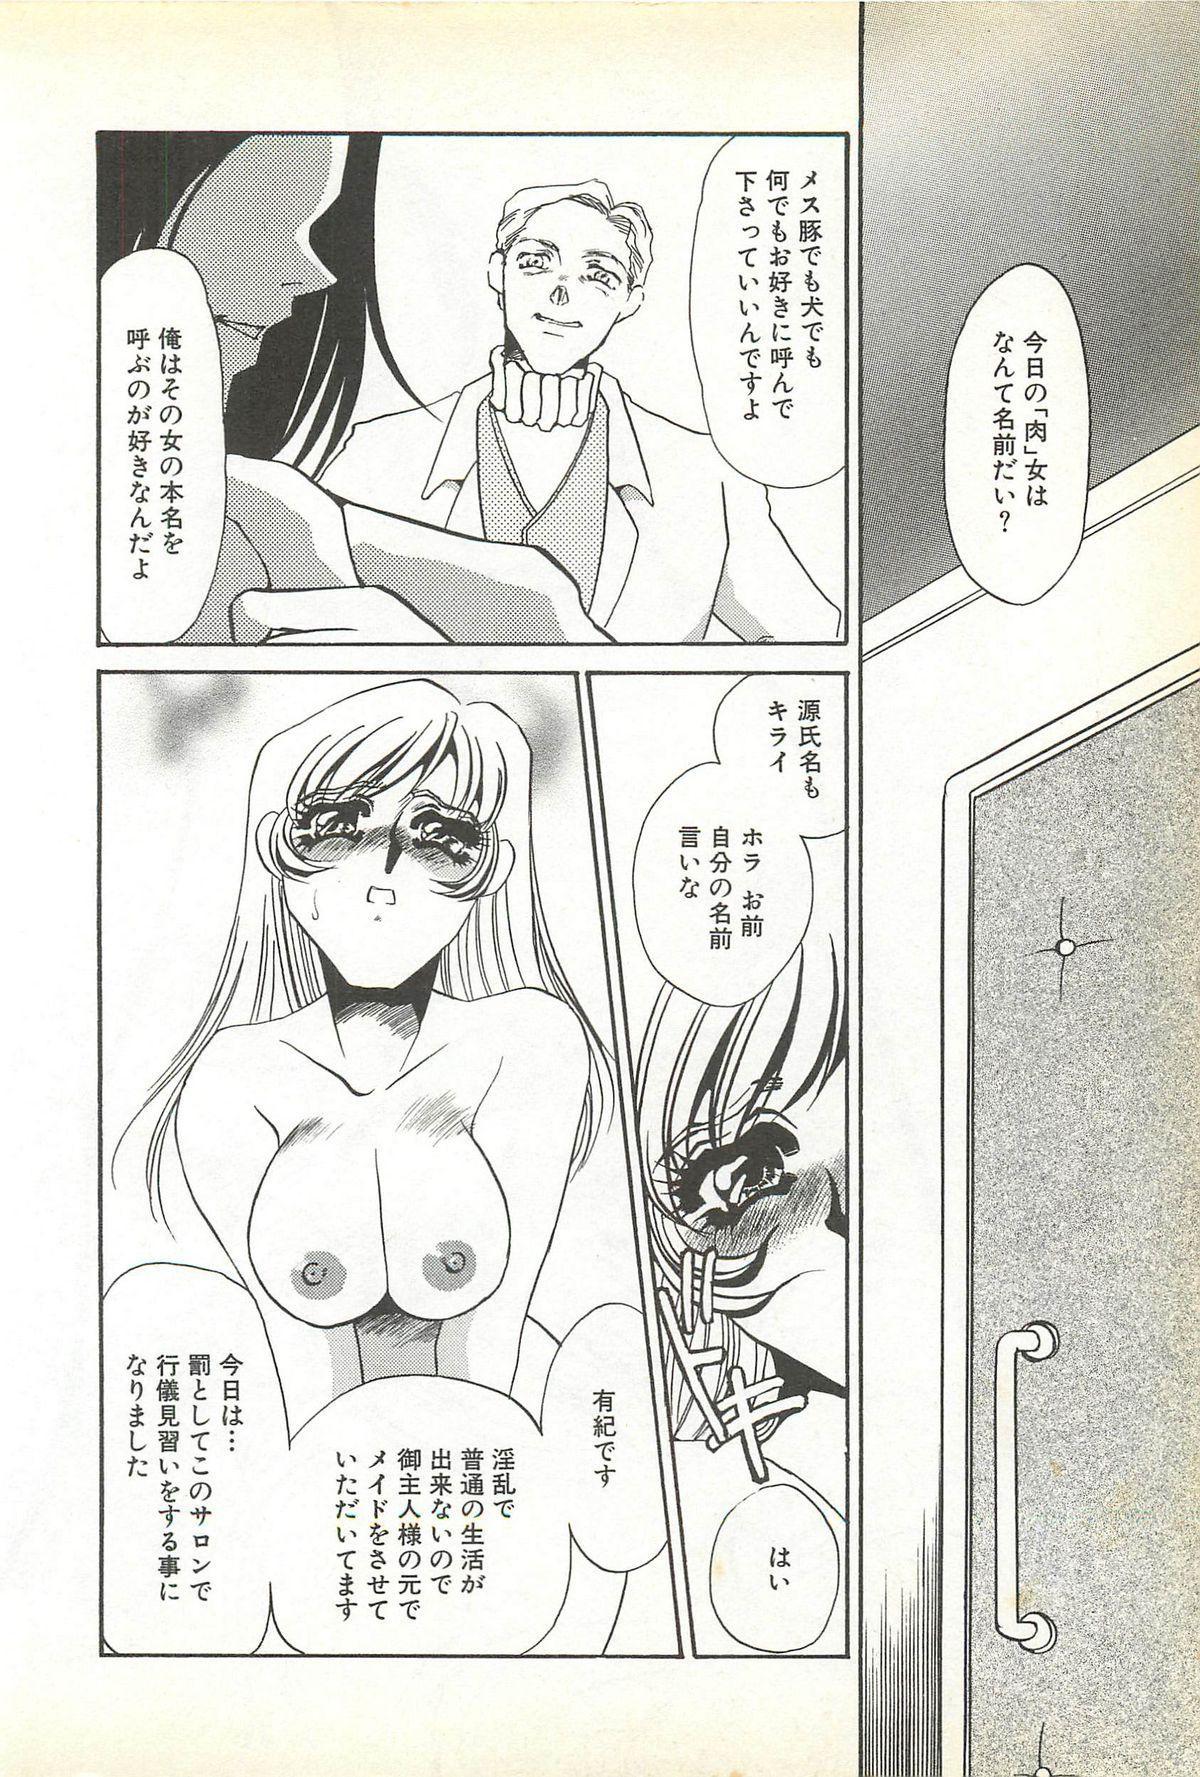 Chigyaku no Heya - A Shameful Punishment Room 66